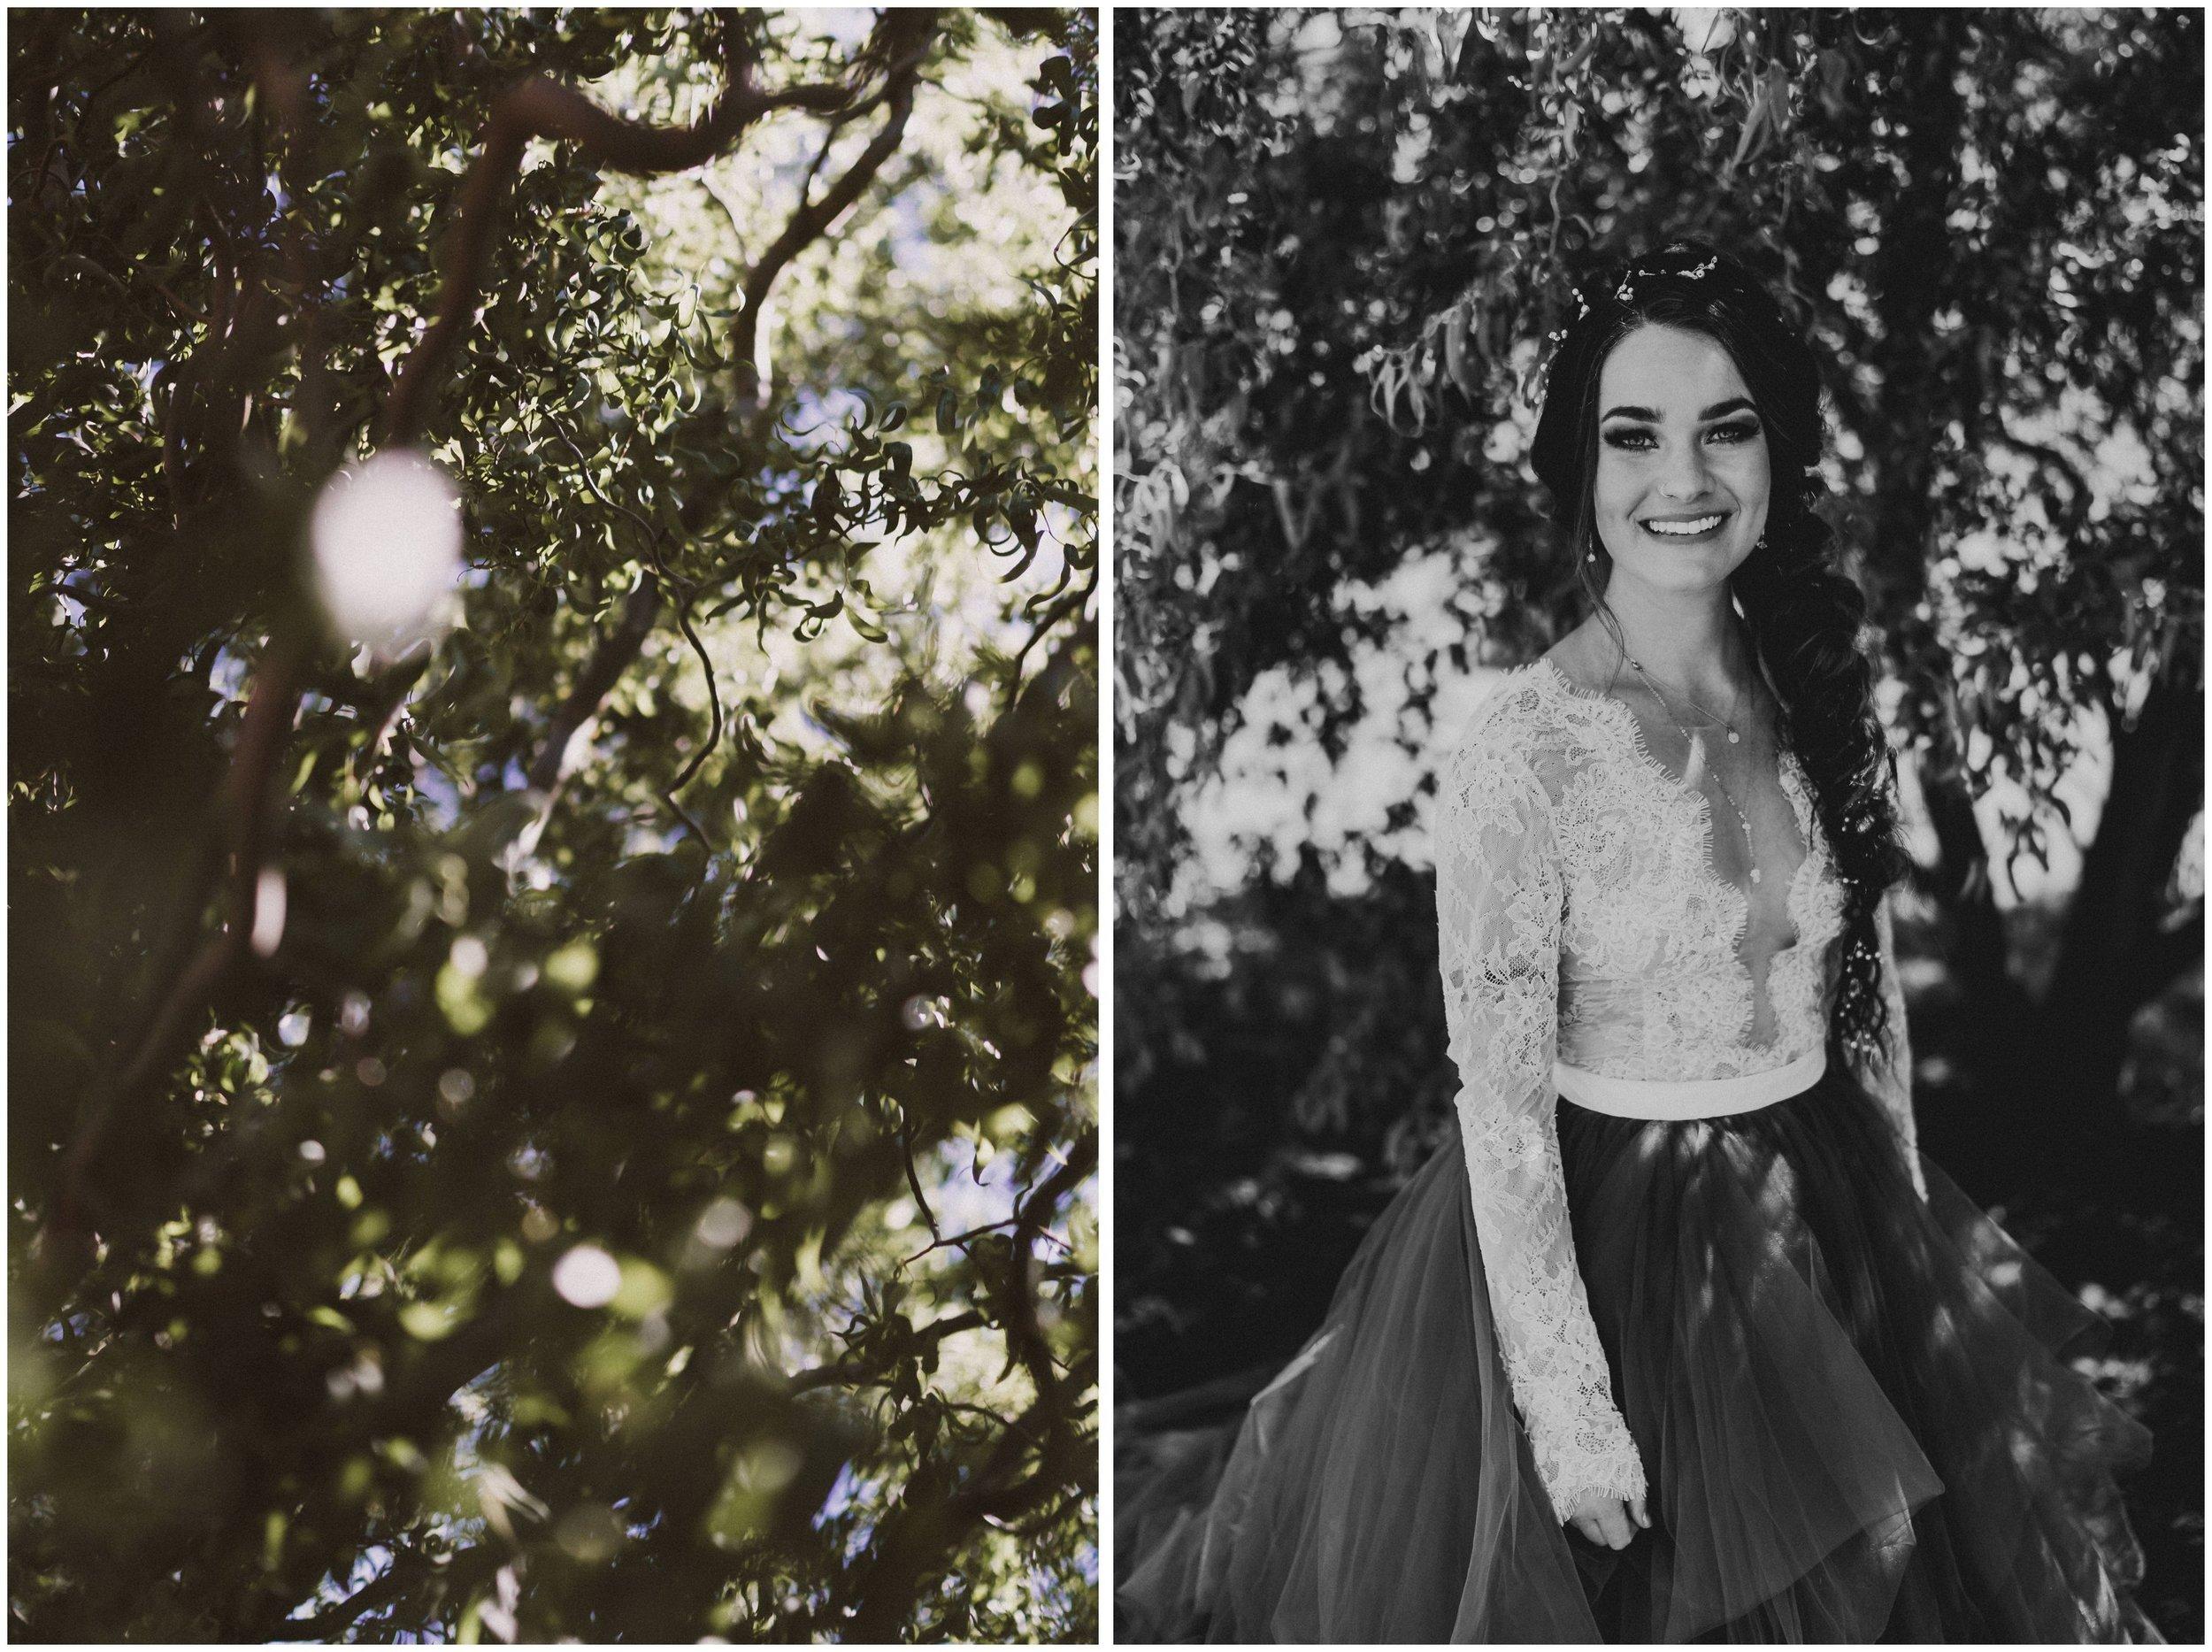 TONY-GAMBINO-PHOTOGRAPHY-BEND-OREGON-WEDDING-SHOOT-000_1512.jpg